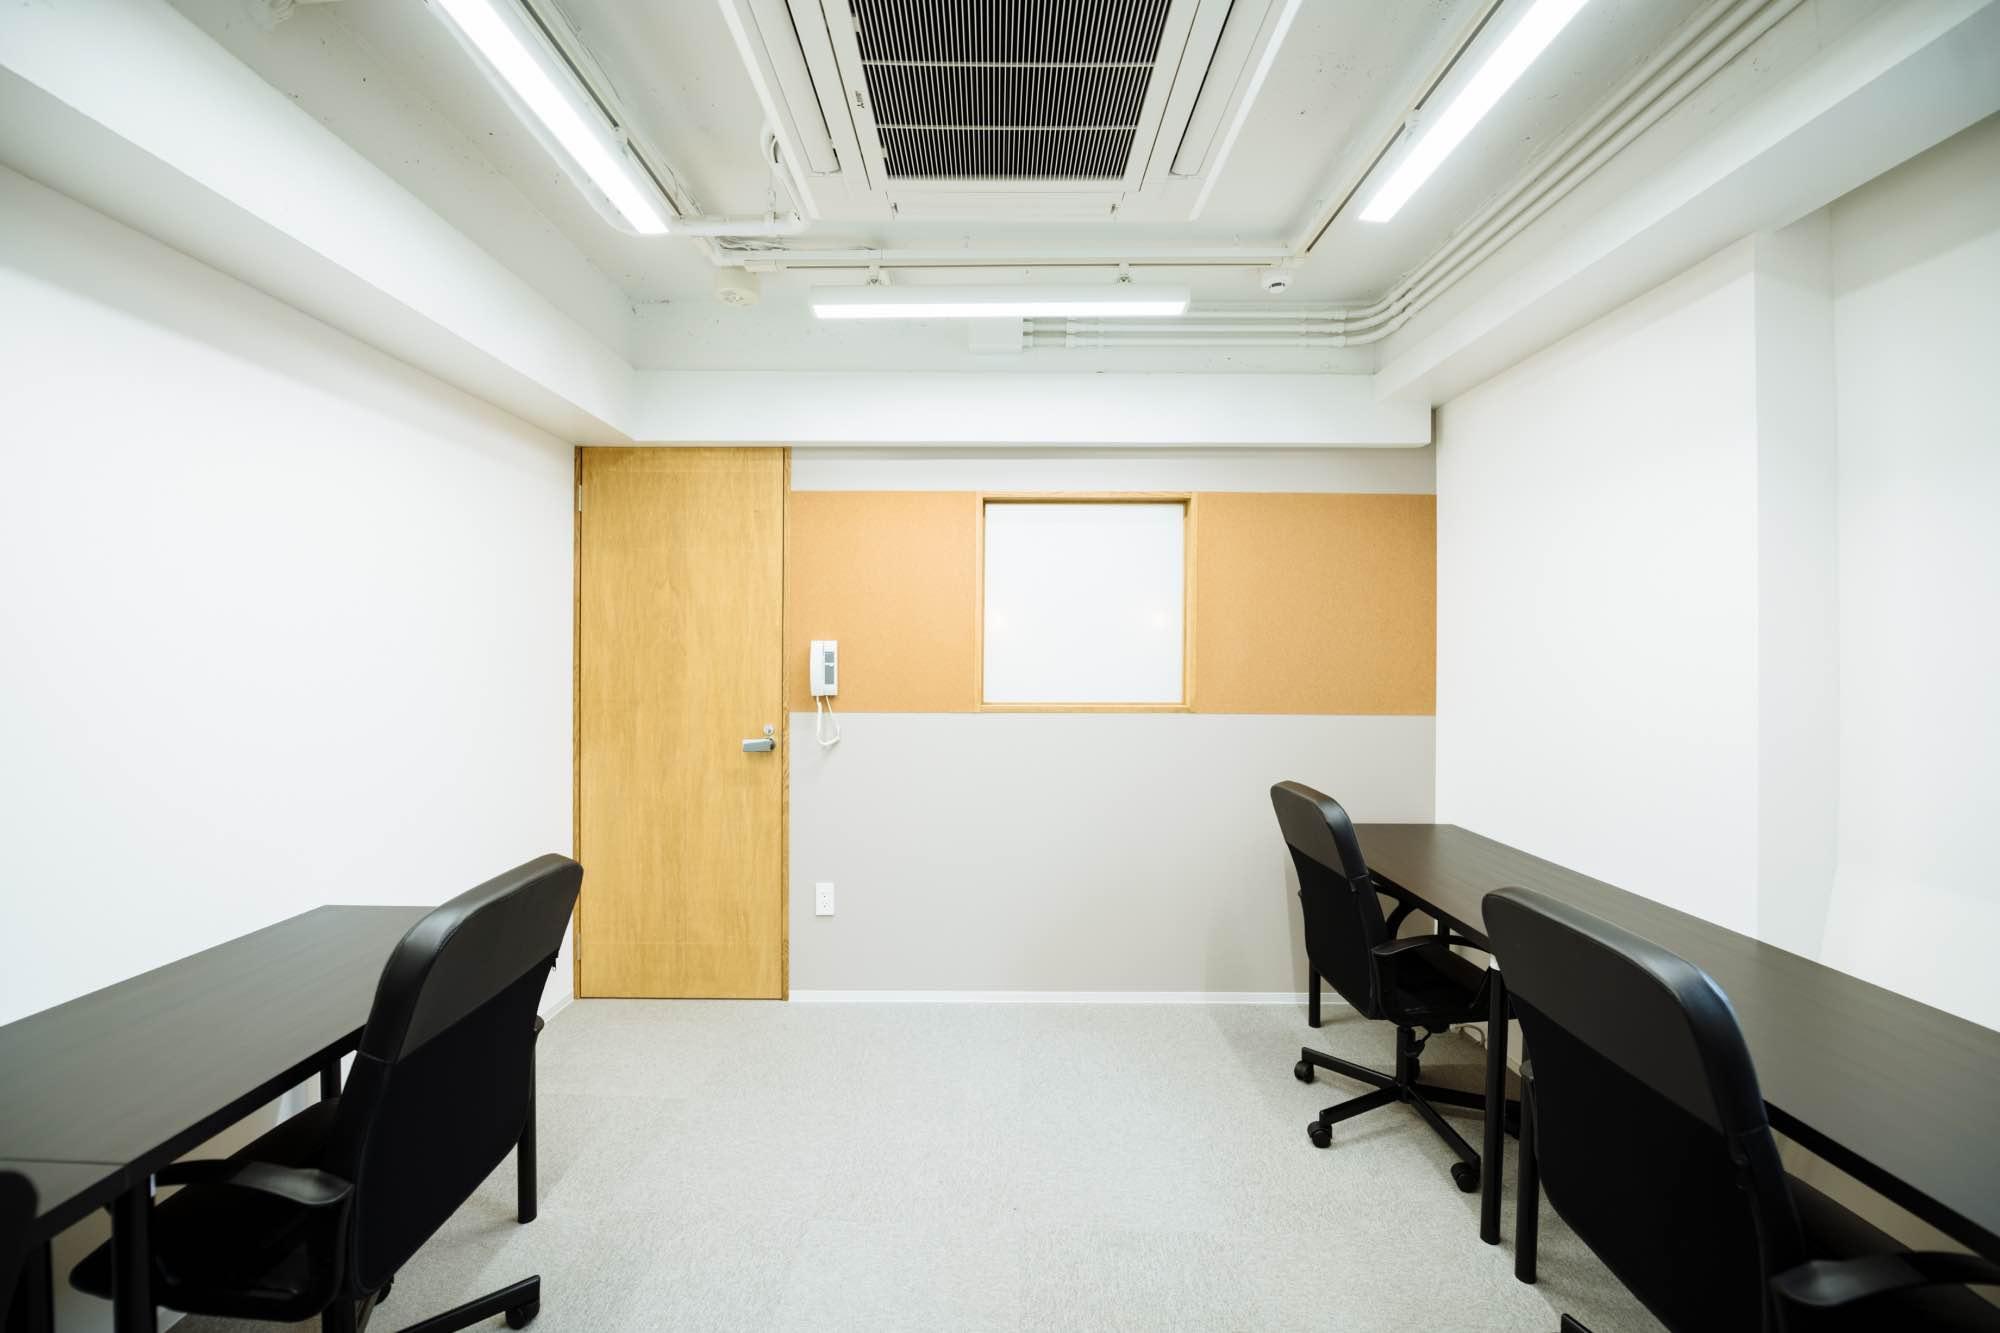 壁面にはコルクボードの壁紙が。